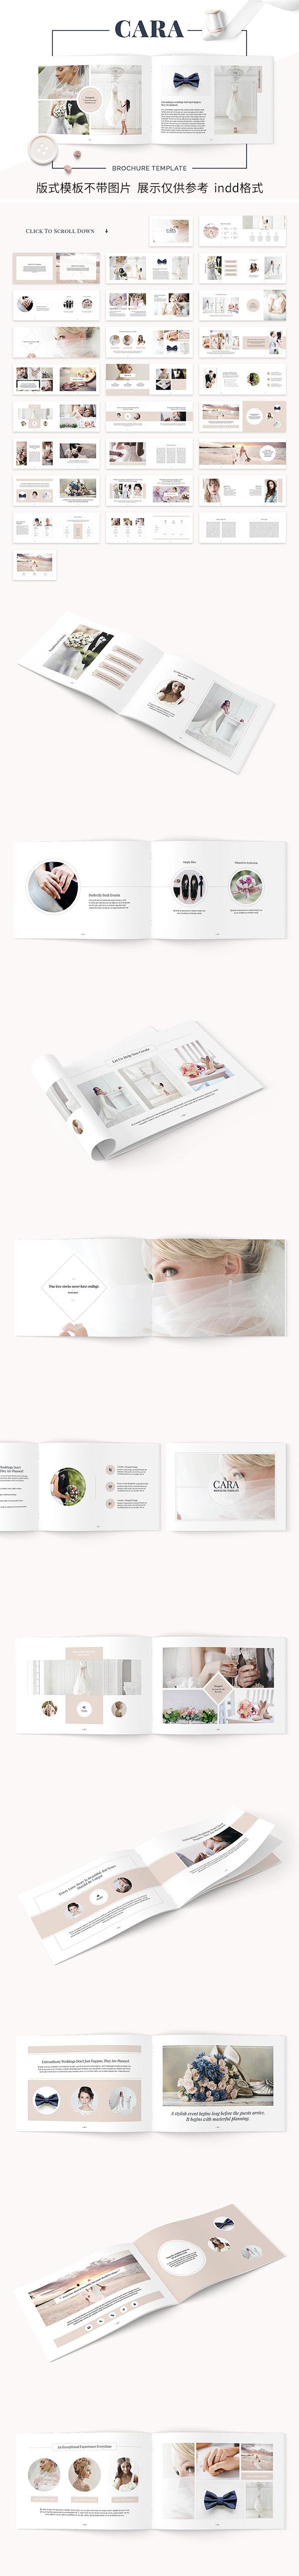 优雅画册ID模板